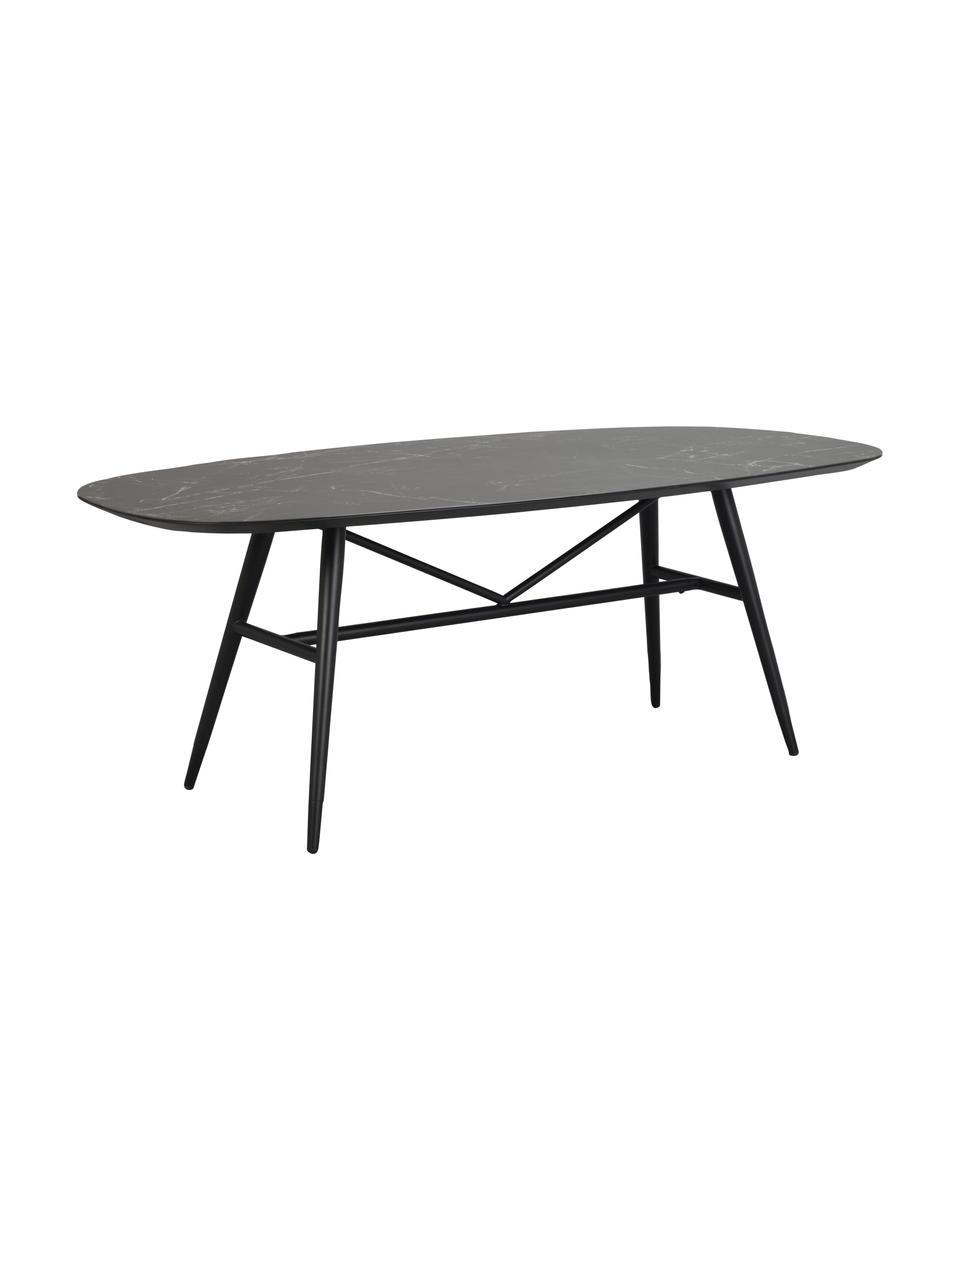 Esstisch Springdale in Marmoroptik, 200 x 98 cm, Tischplatte: Mitteldichte Holzfaserpla, Beine: Metall, pulverbeschichtet, Schwarz, B 200 x T 98 cm